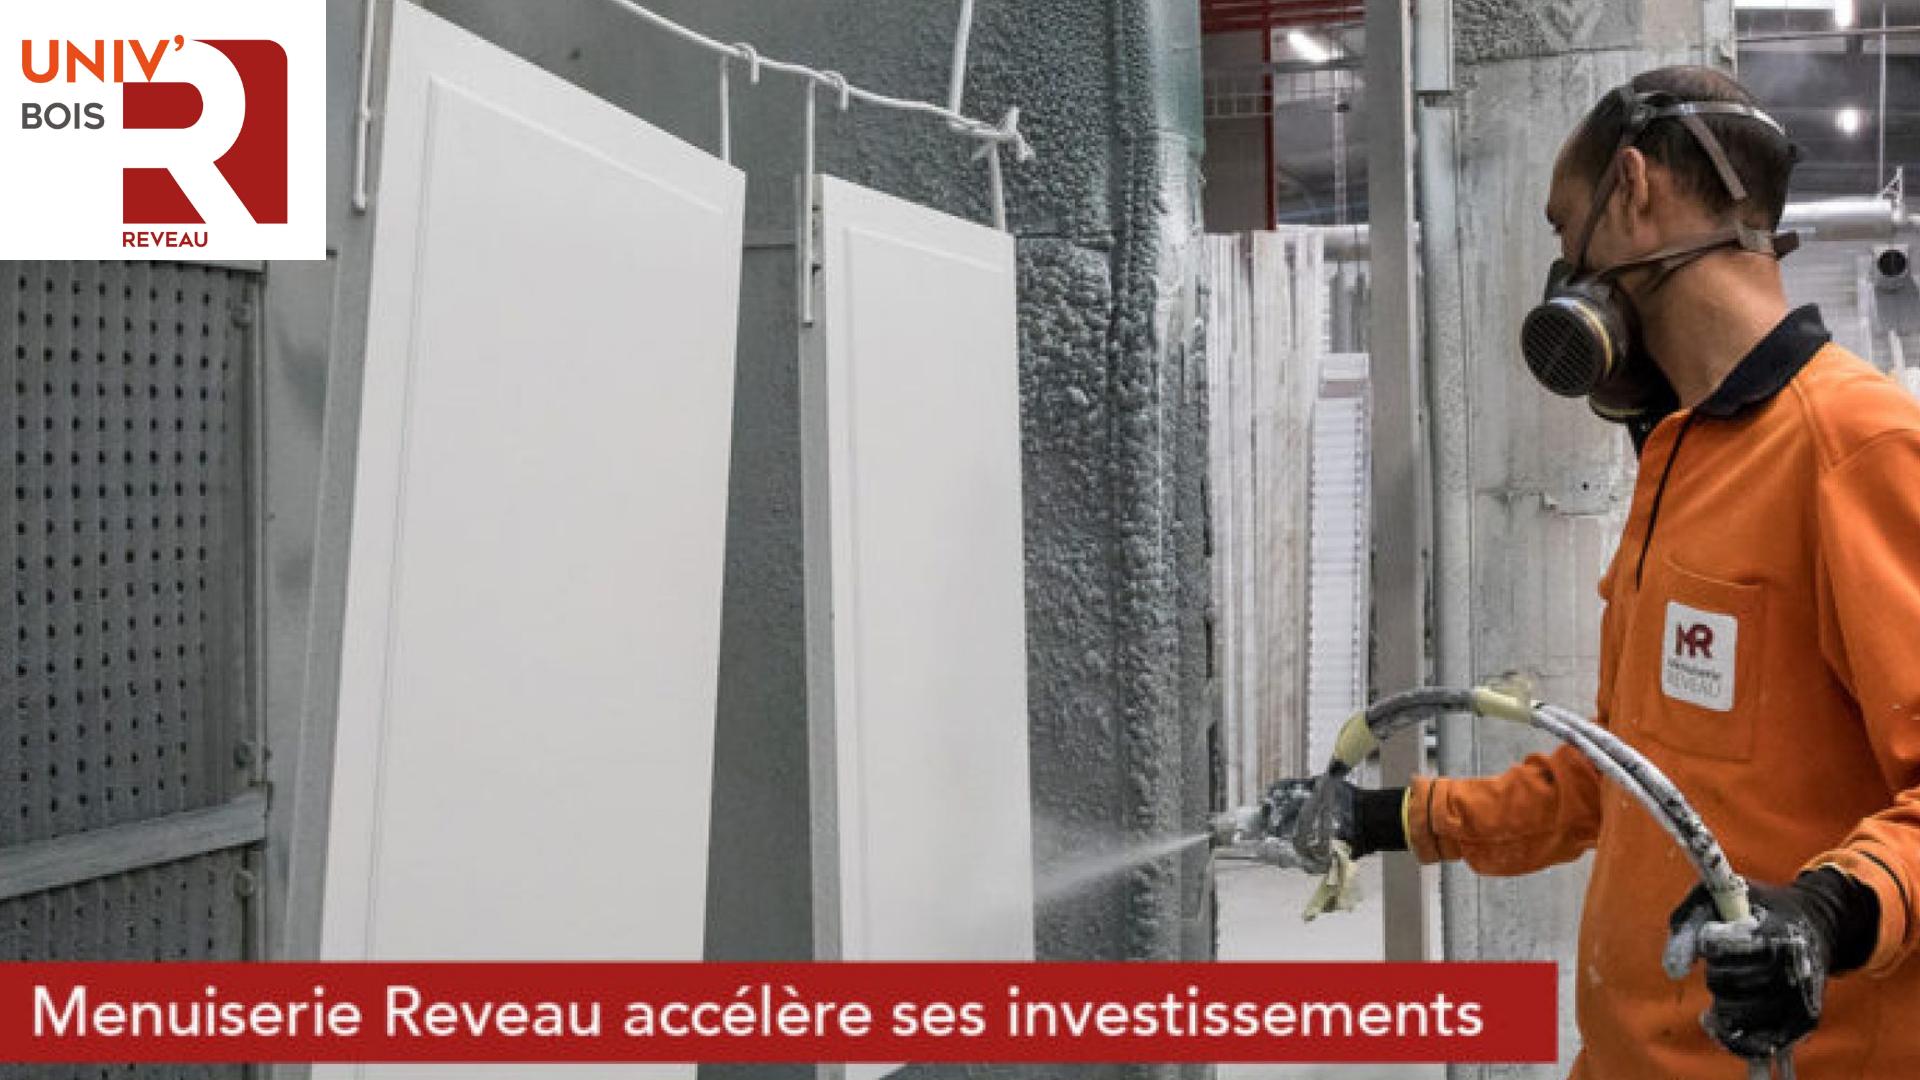 Menuiserie Reveau accélère ses investissements